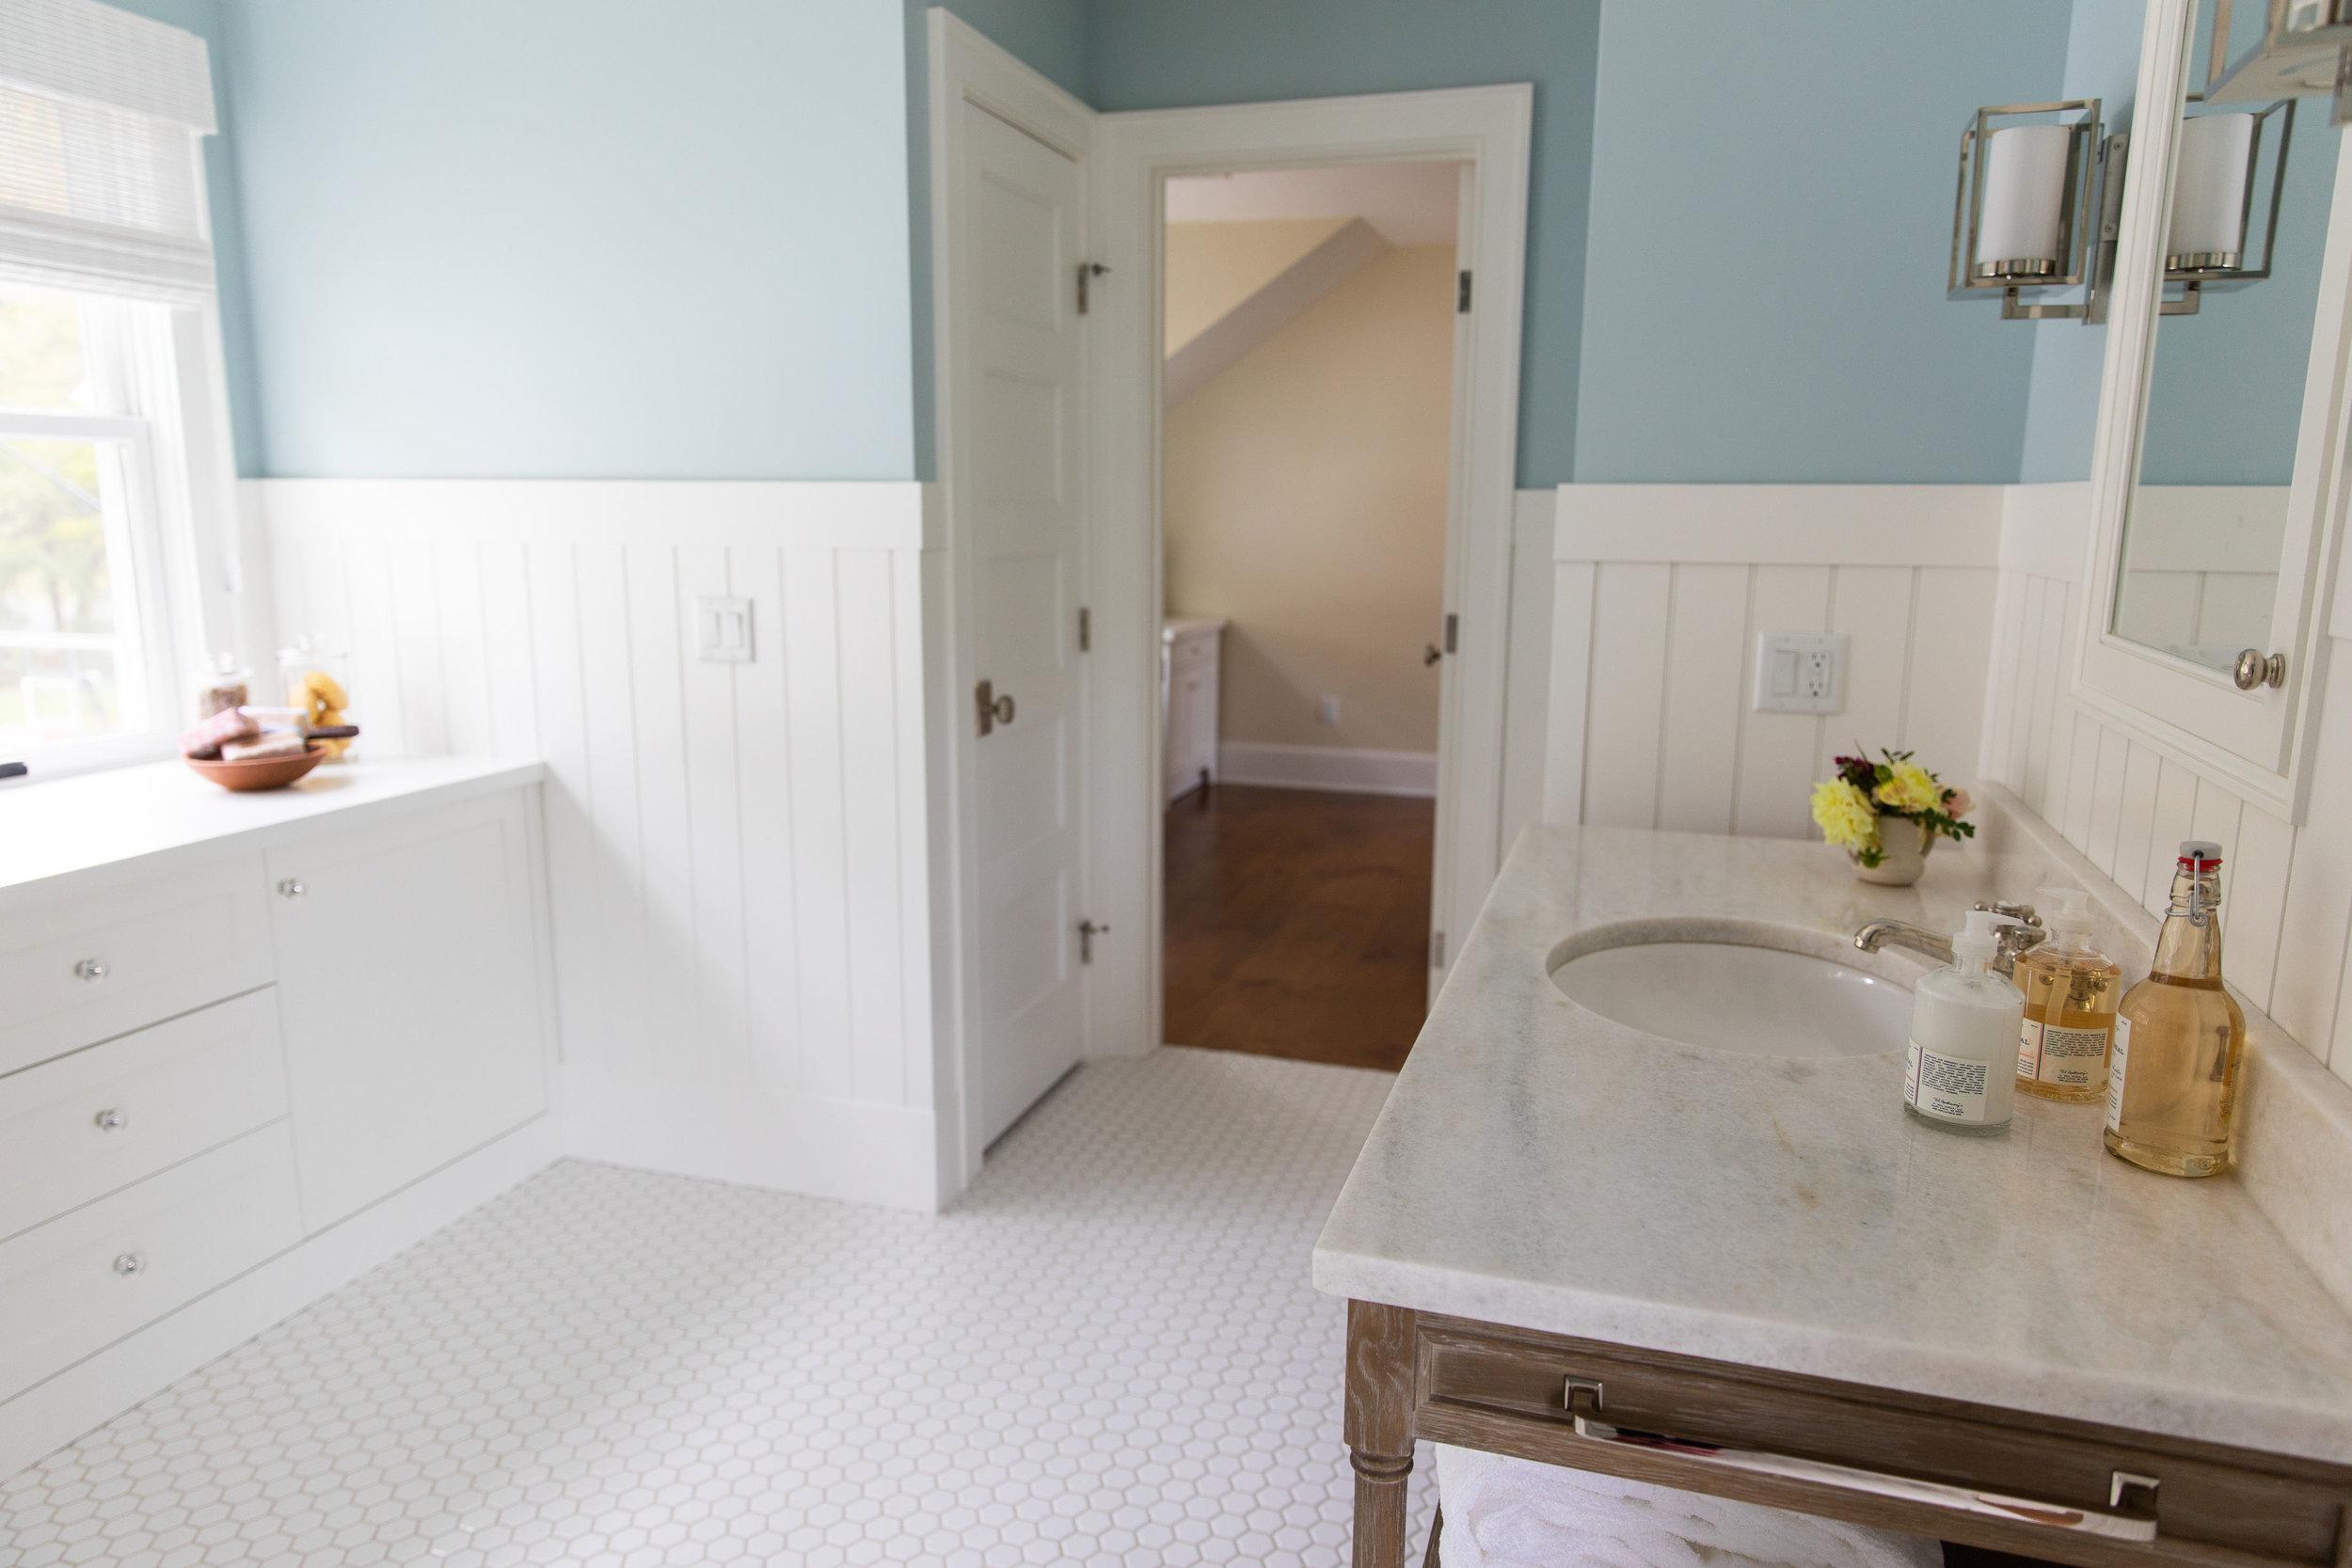 Cottage-bathroom-design